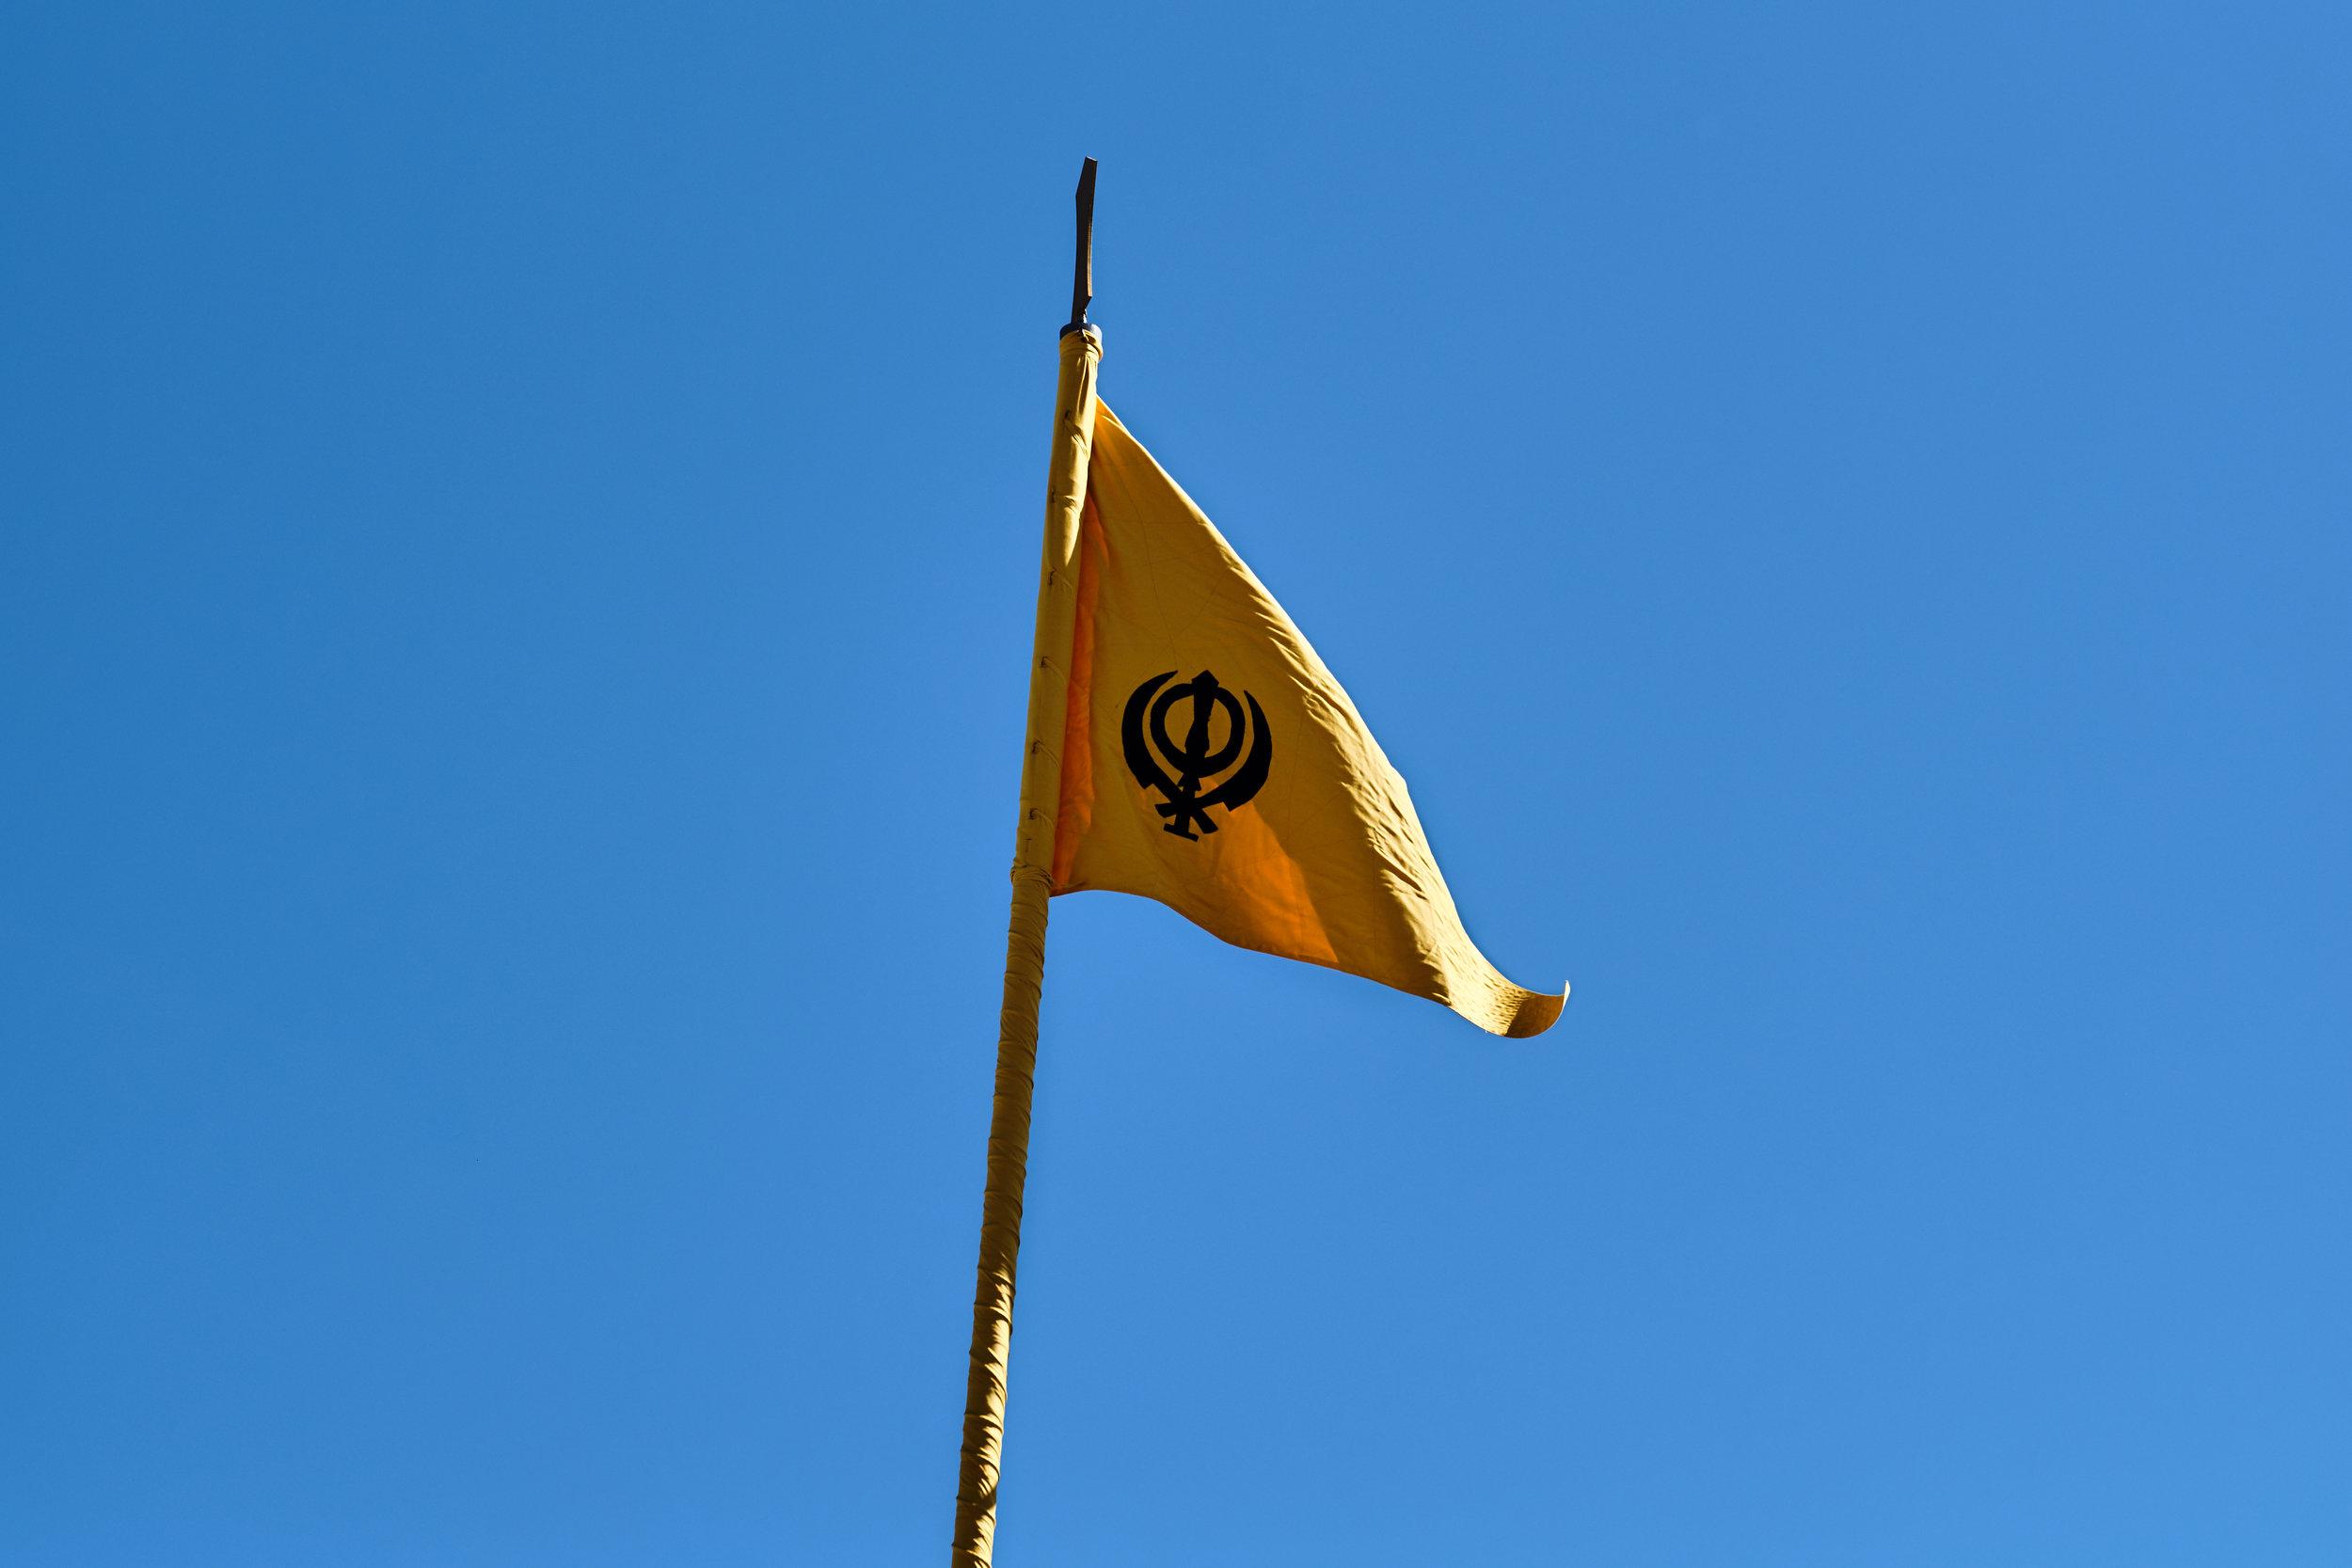 Wpg_South_Sikh_Centre-Nishaan_Sahib_13.jpg